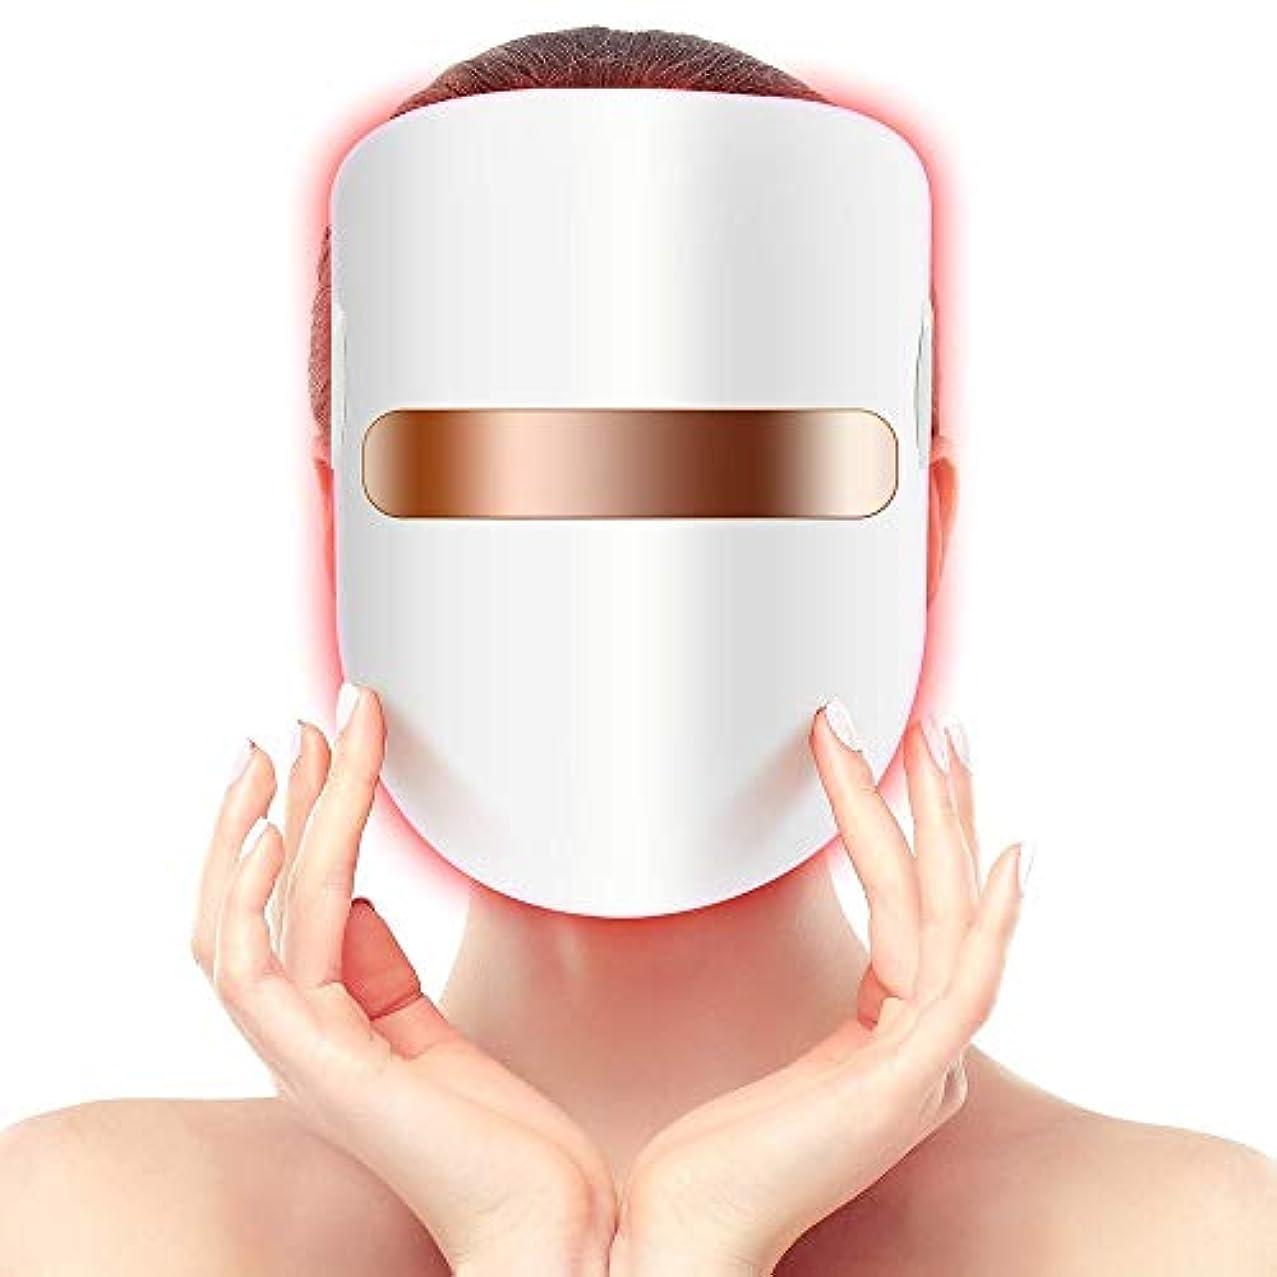 強制的凶暴なに同意する光療法にきび治療ledマスク療法無制限セッションのためににきび肌治療アンチリンクルホワイトニング肌の若返り楽器